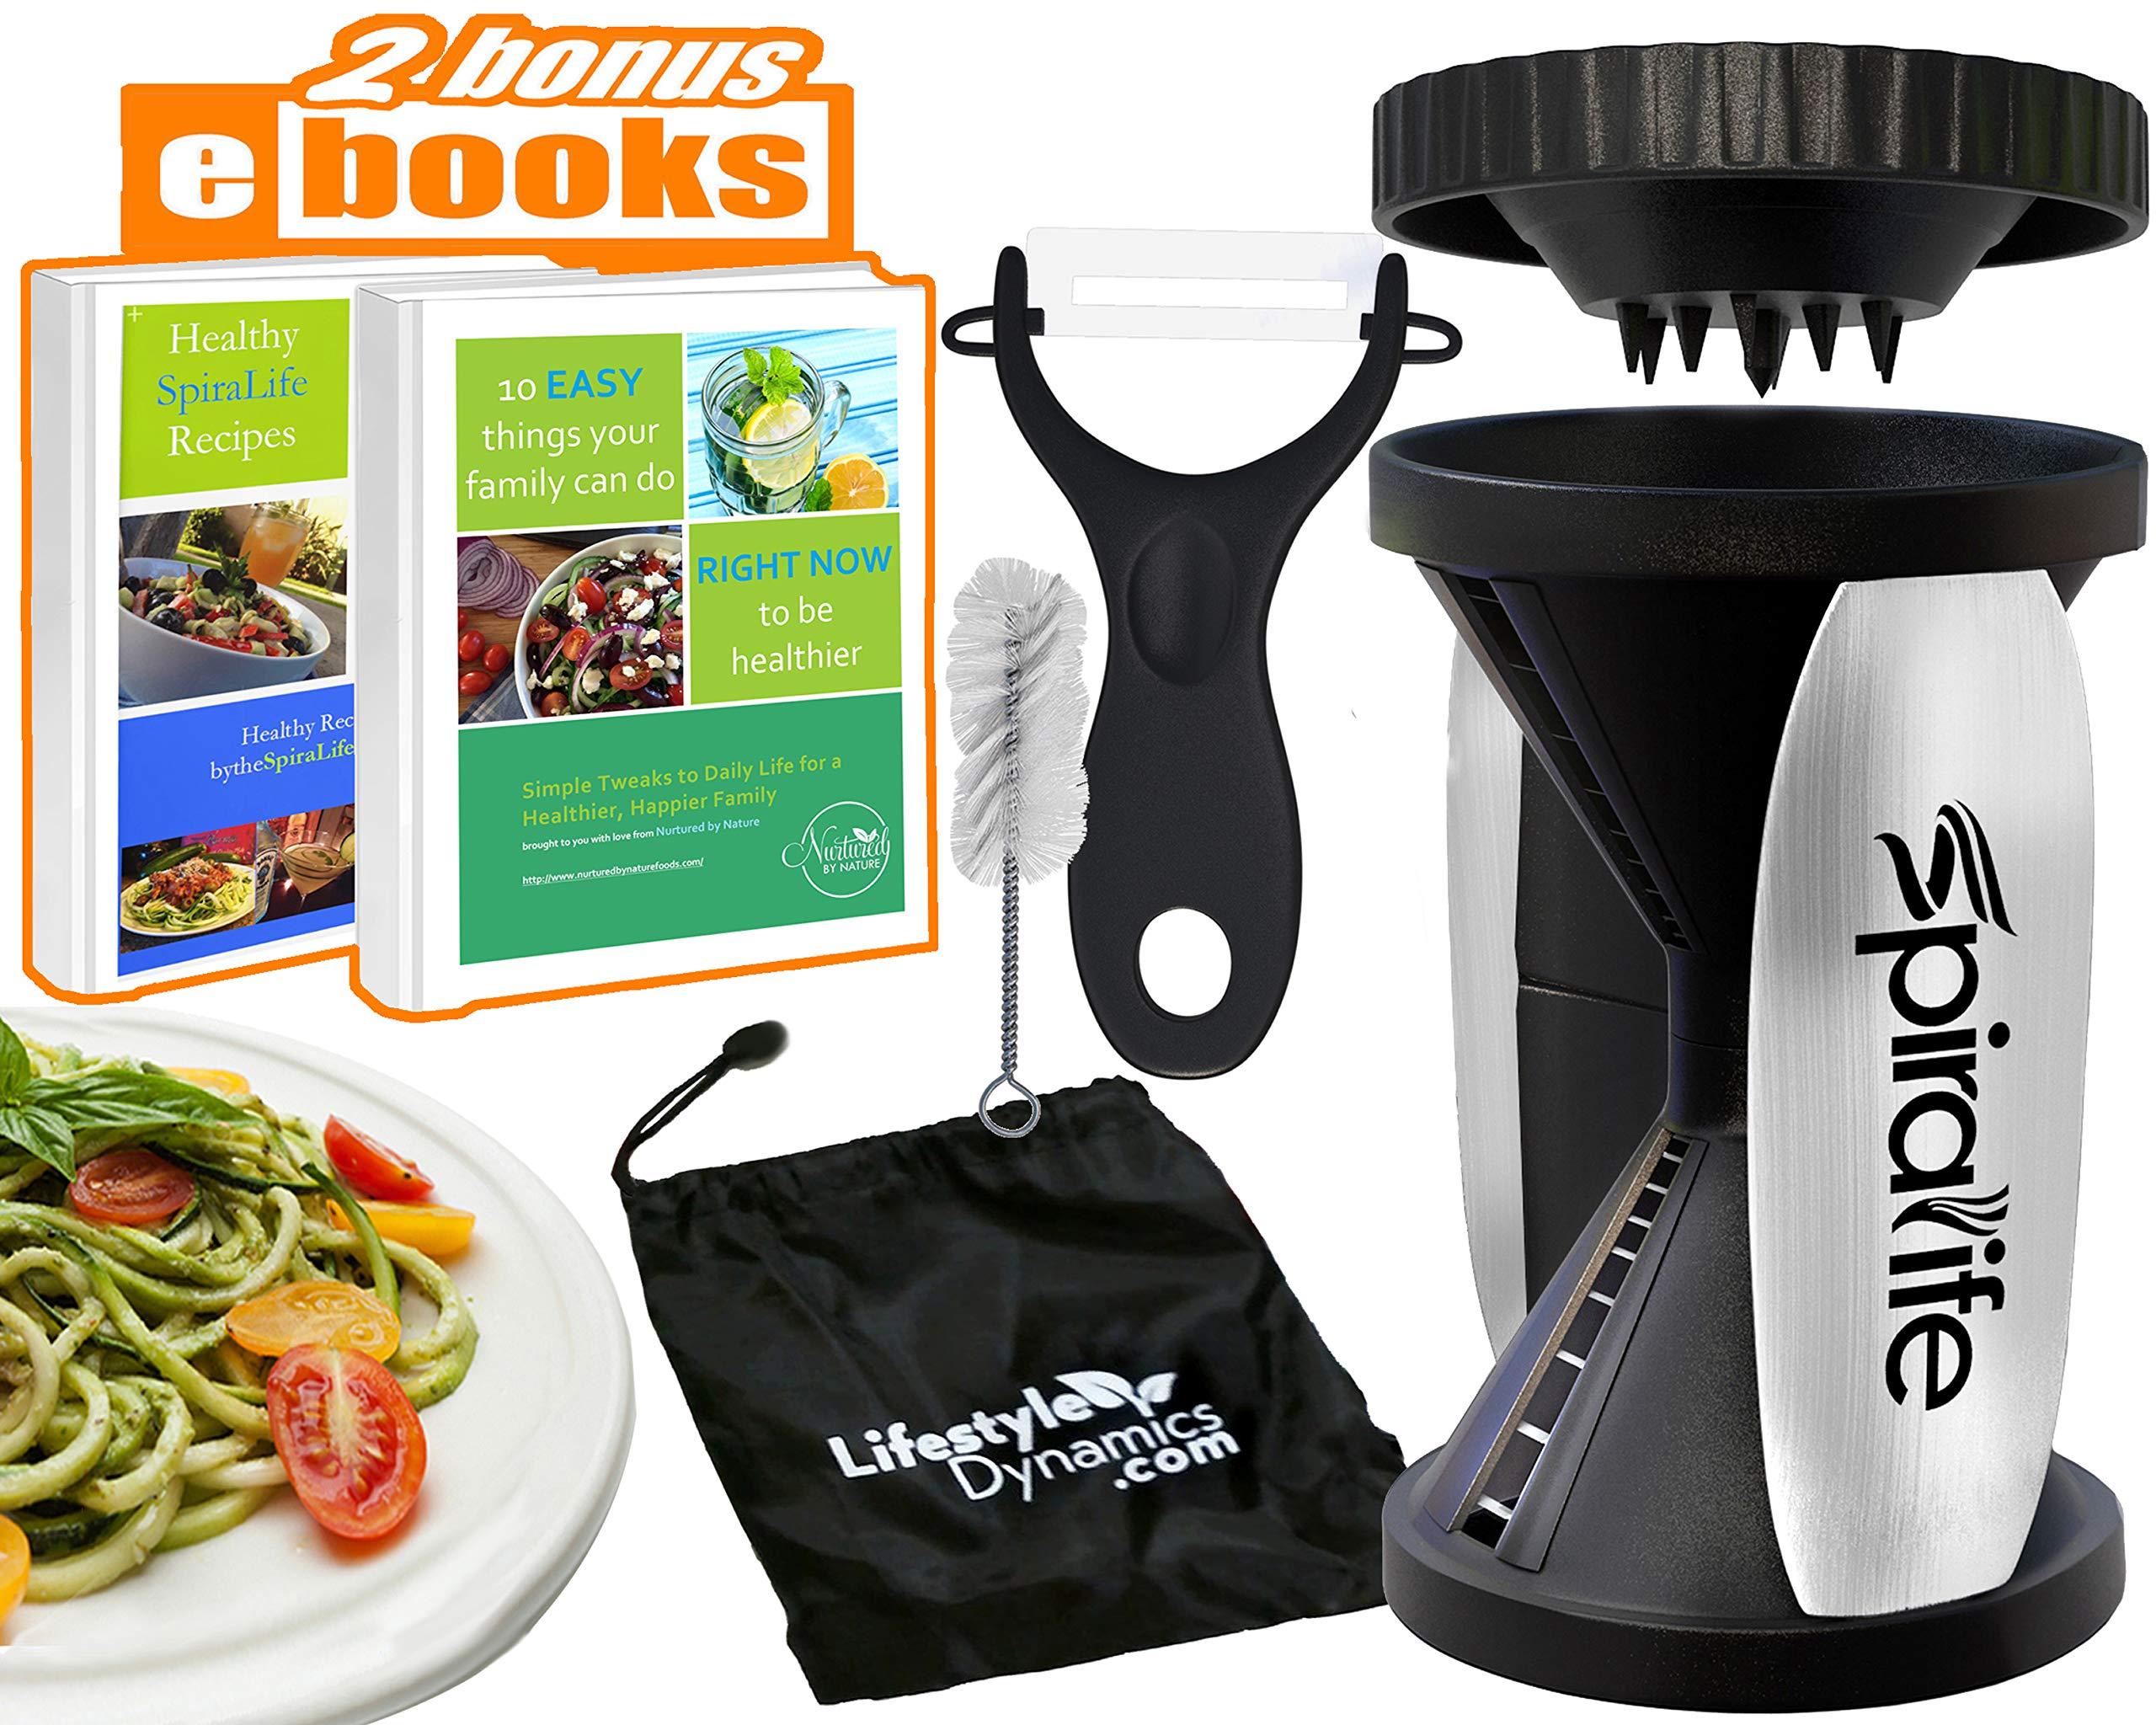 Original SpiraLife Spiralizer Vegetable Slicer - Vegetable Spiralizer - Spiral Slicer Cutter by Lifestyle Dynamics